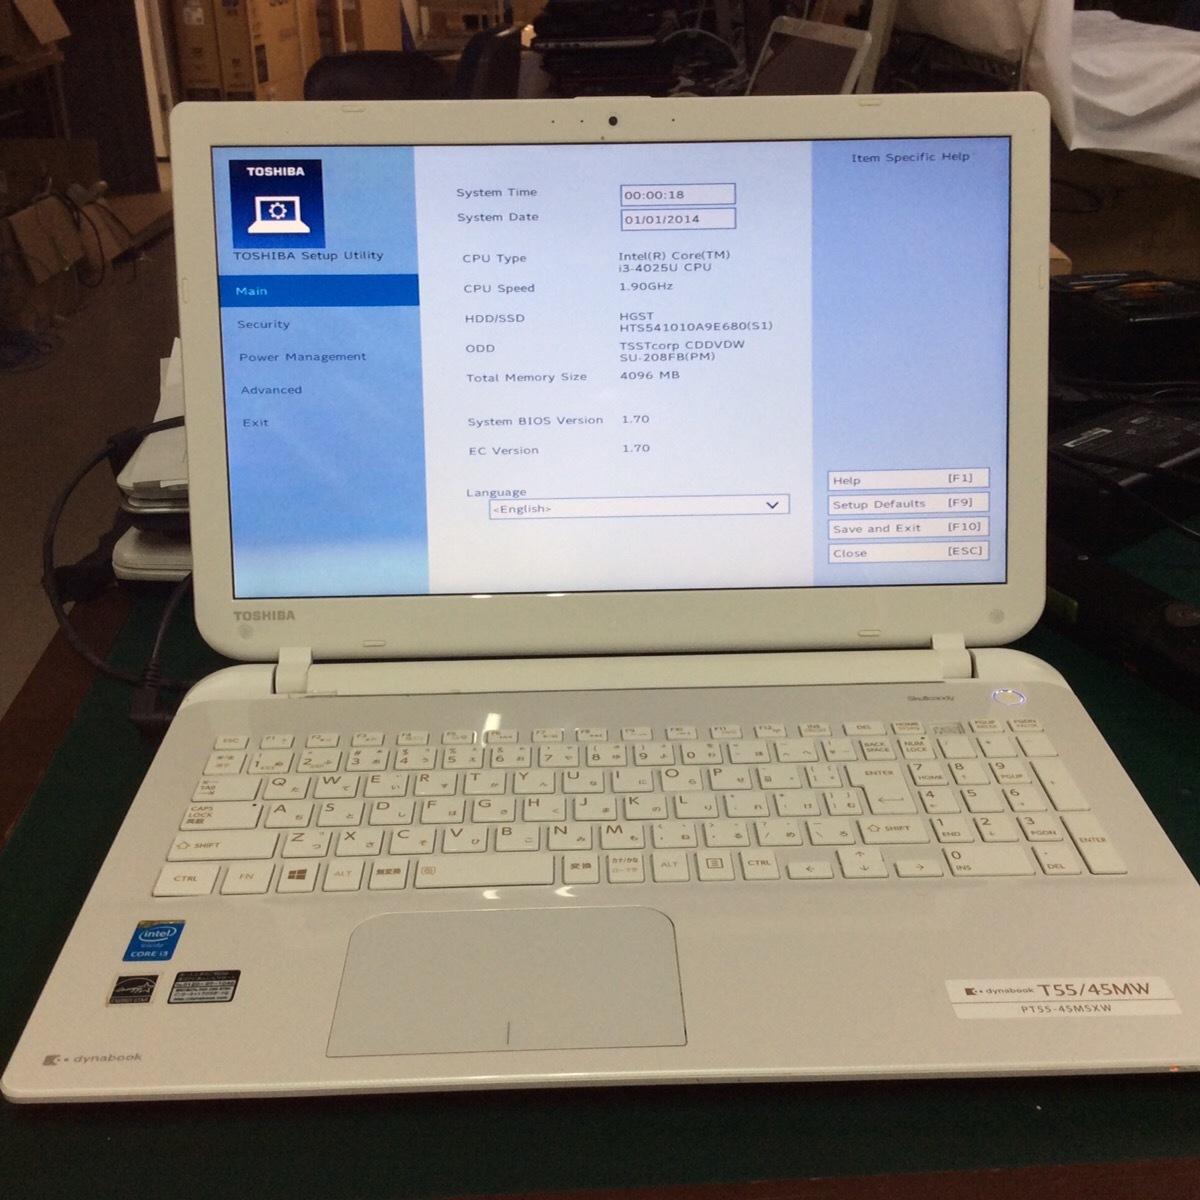 【ジャンク品】[K0611(4)]ノートパソコン 東芝 PT55-45MSXW HDDなし メモリなし 1円スタート